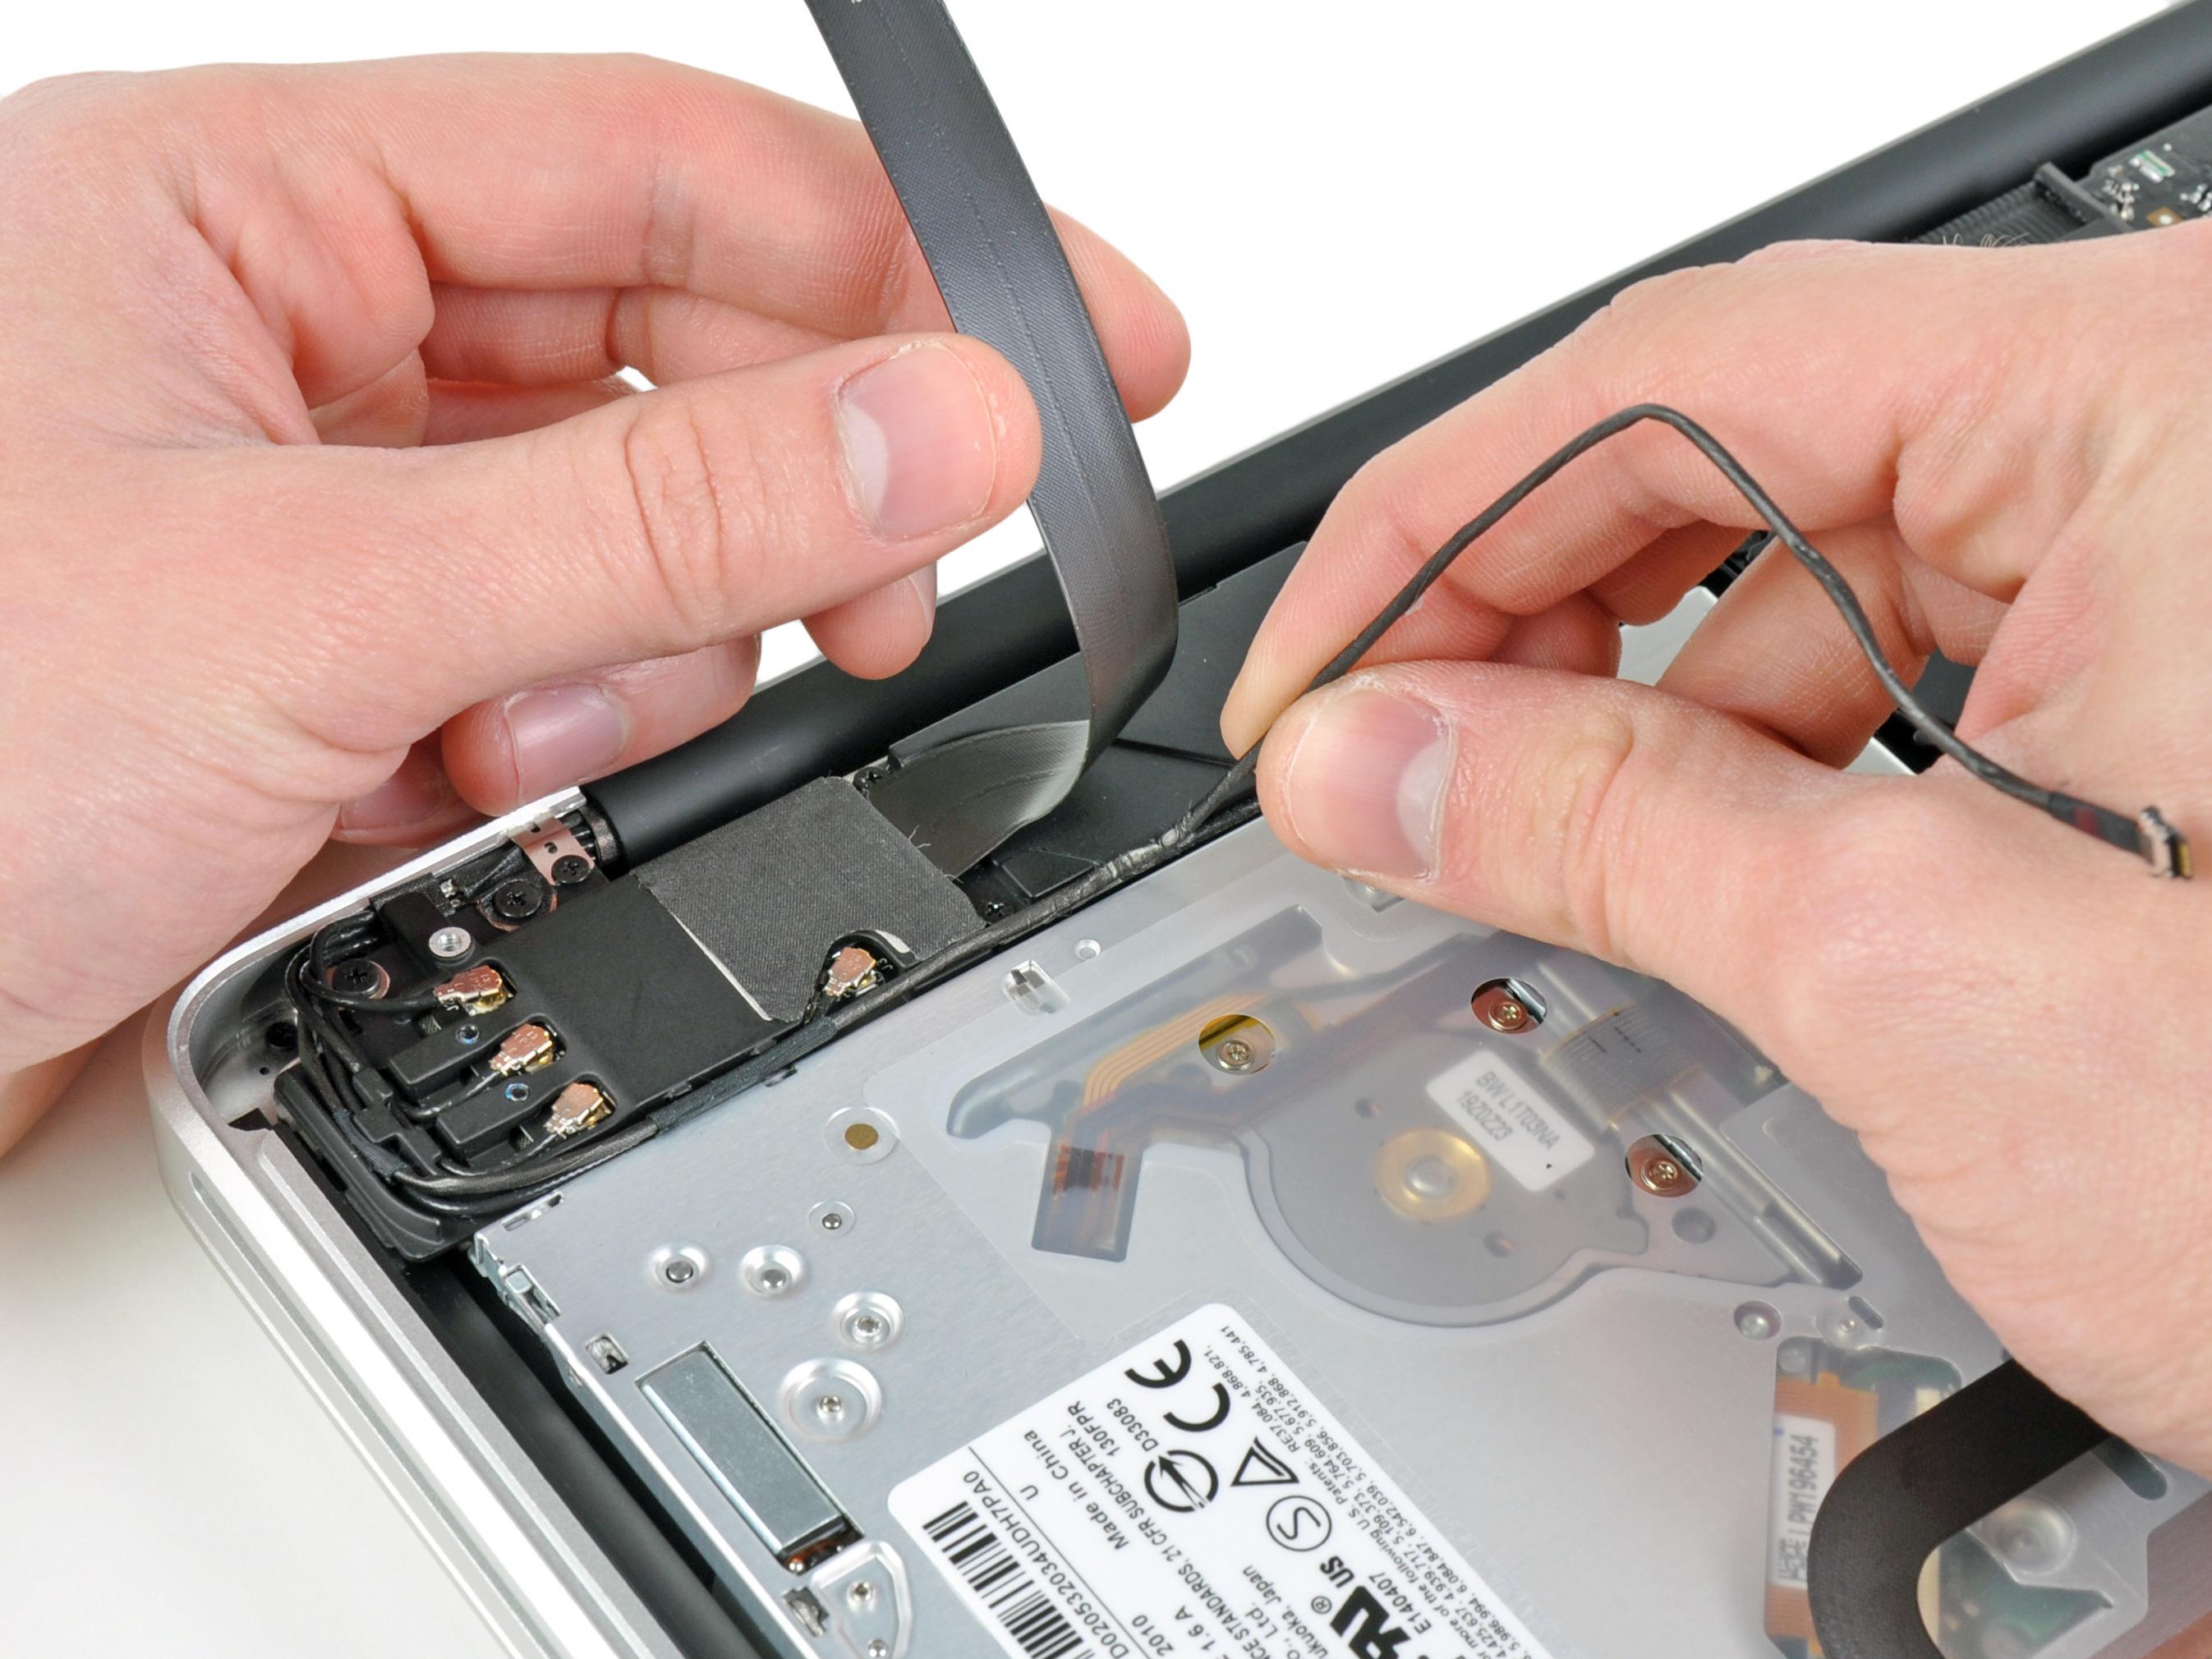 Paso 7 cable camara mover con cuidado el cable de cinta aeropuerto / Bluetooth de la manera como se pela el cable de la cámara fuera del adhesivo lo fija en el subwoofer y el soporte de AirPort / Bluetooth. De la ruta del cable de la cámara de debajo del dedo de retención moldeado en el soporte de AirPort / Bluetooth.